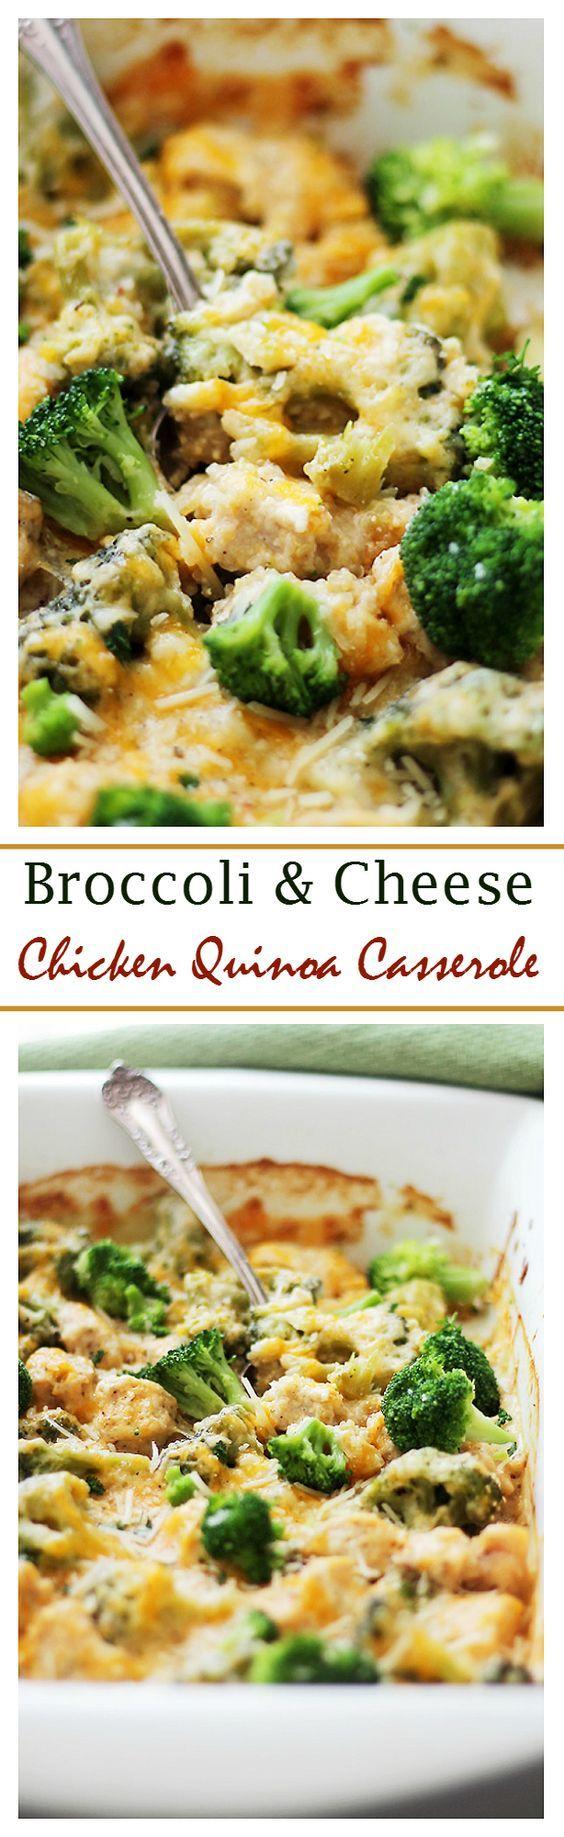 Broccoli and Cheese Chicken Quinoa Casserole Recipe